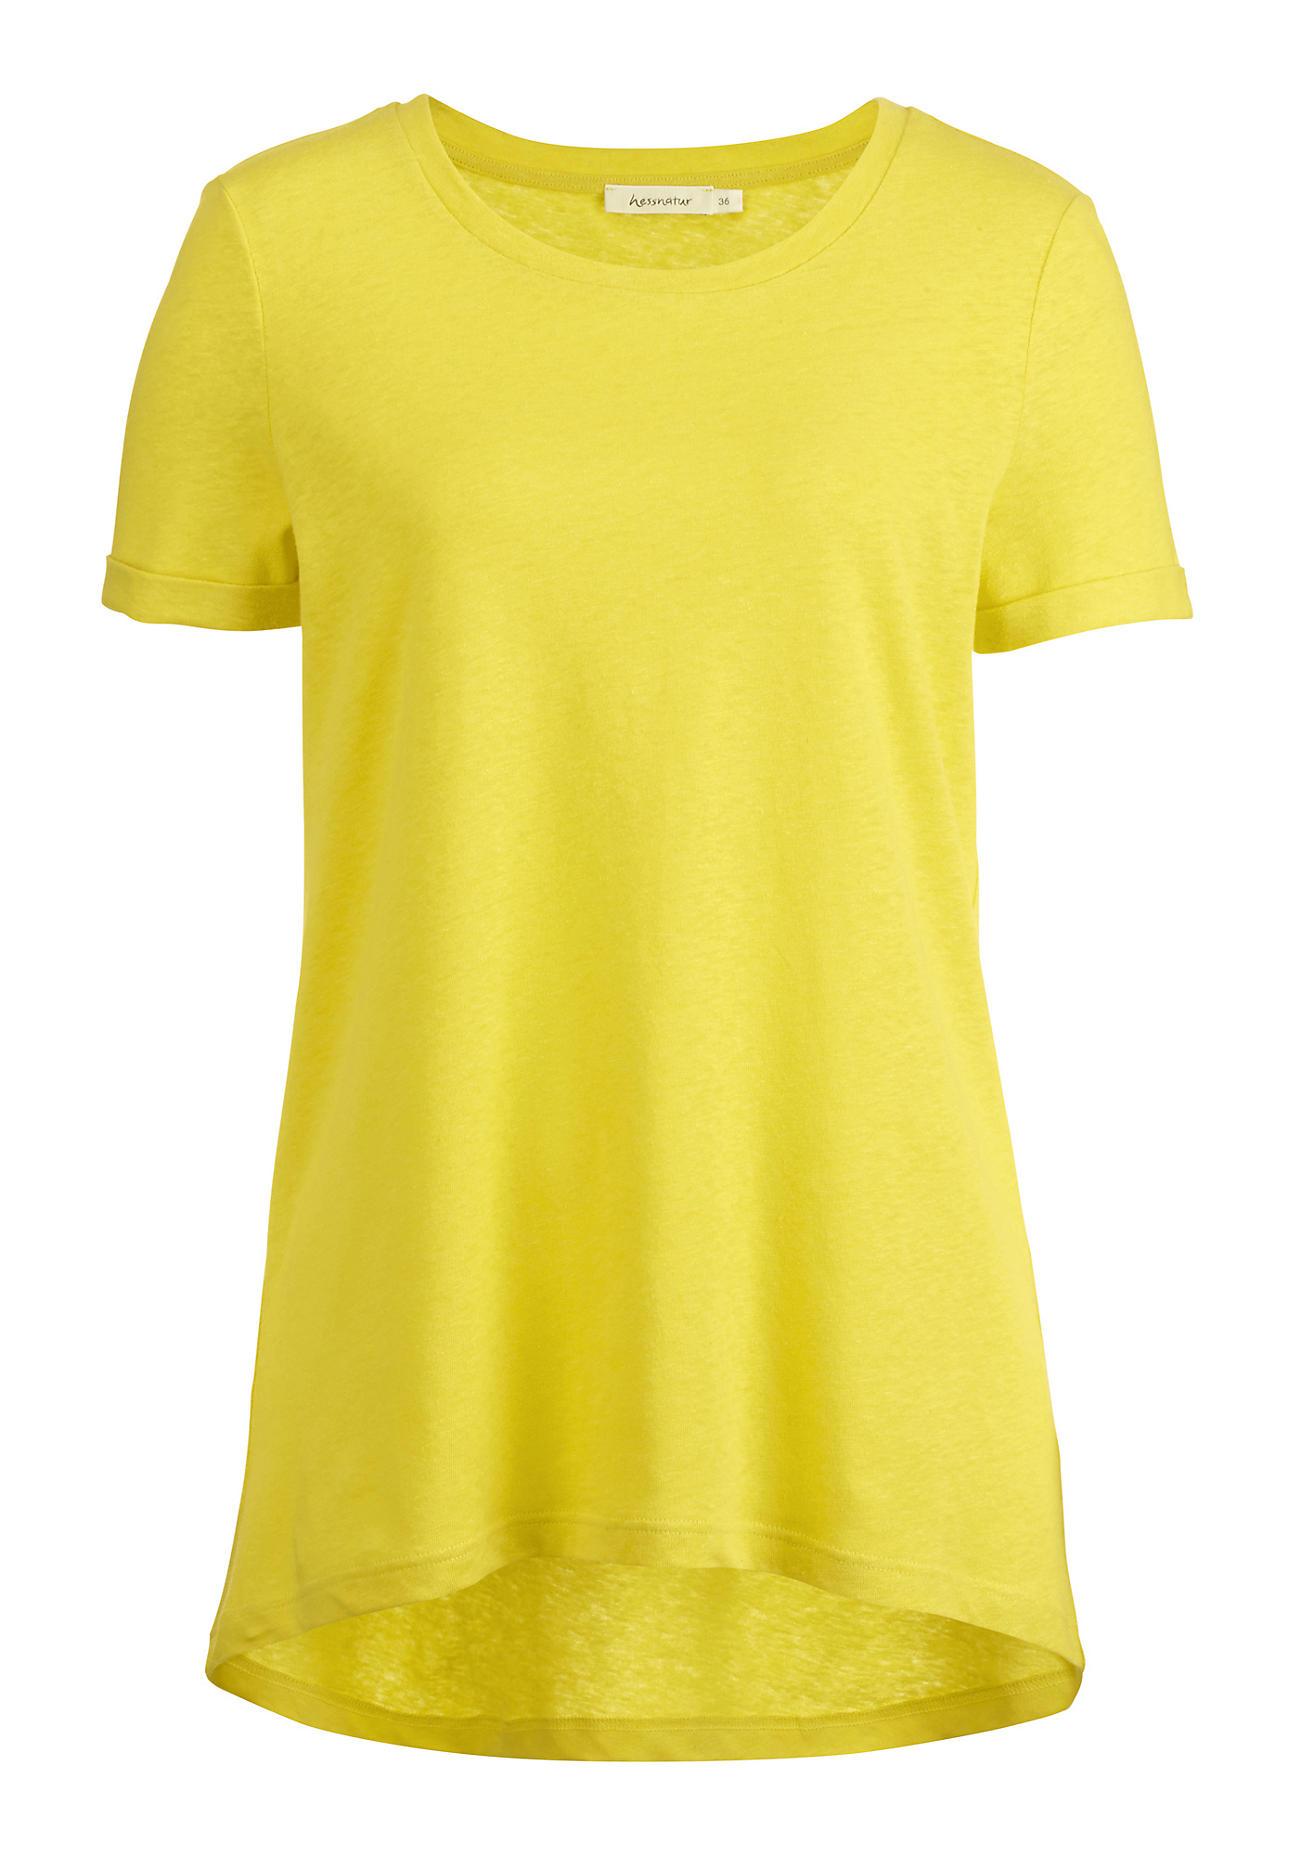 hessnatur Damen Shirt aus Bio-Leinen mit Bio-Baumwolle – gelb – Größe 36